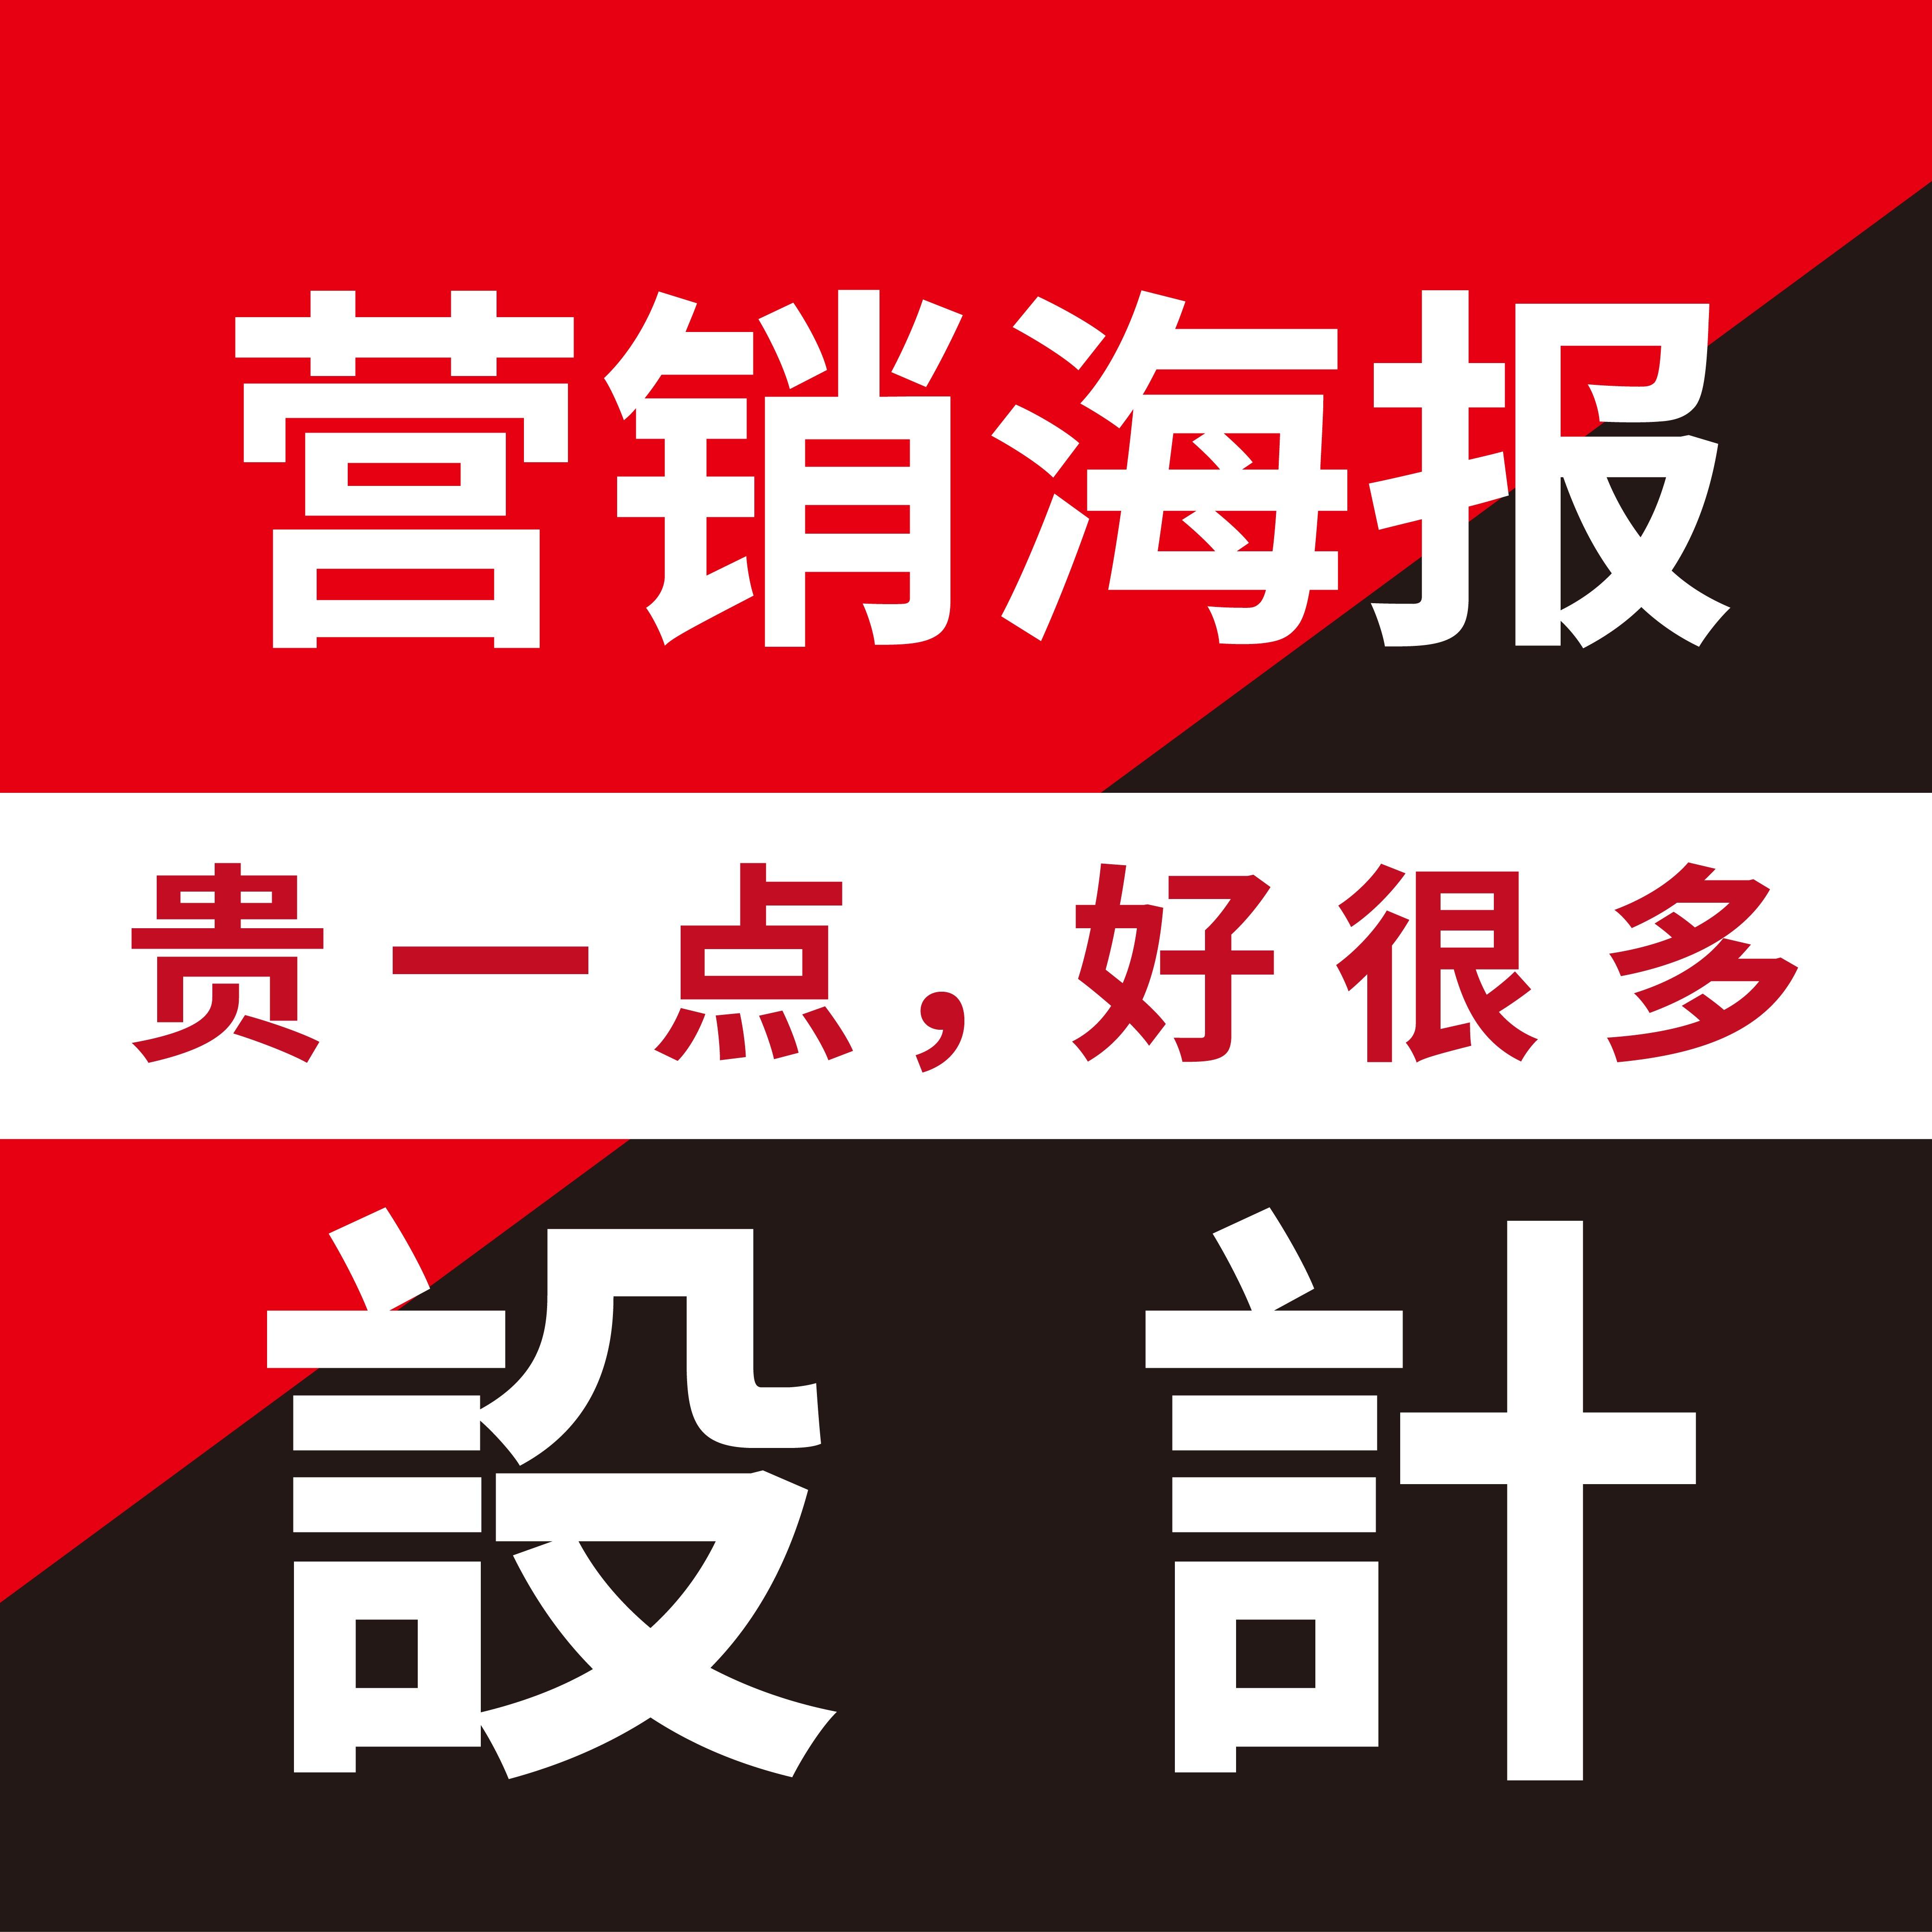 海报设计易拉宝展架活动海报促销海报广告设计宣传海报